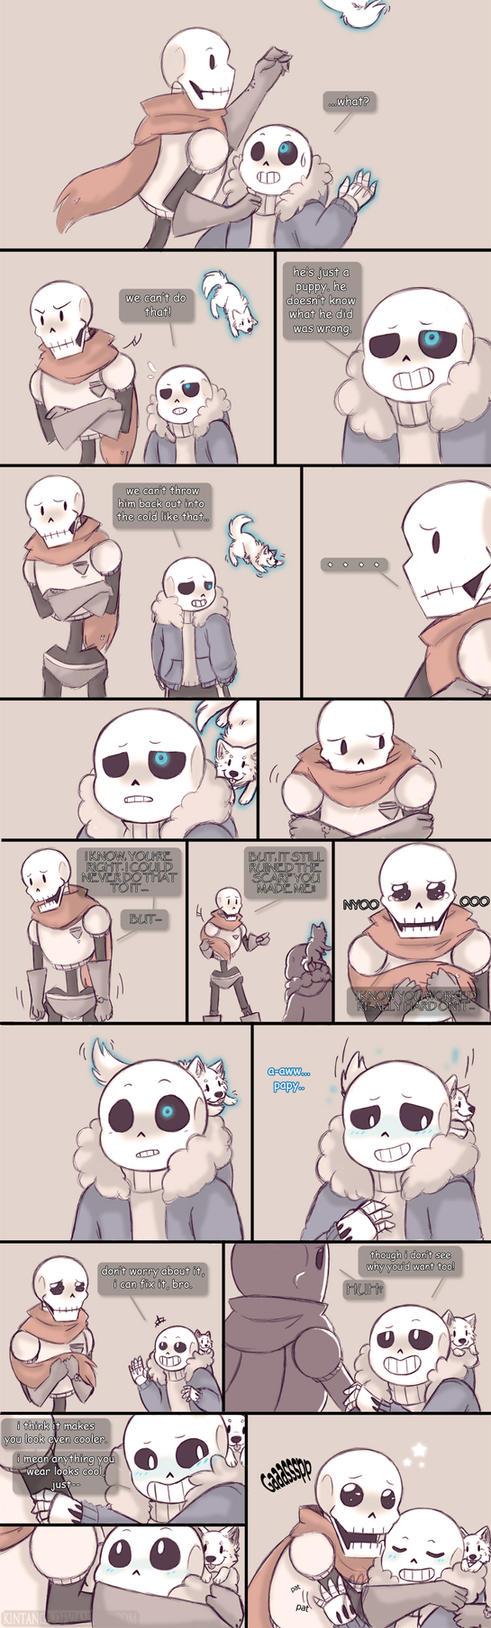 .Undertale Fancomic: Annoying Dog - Page 9.+ by Kintanga